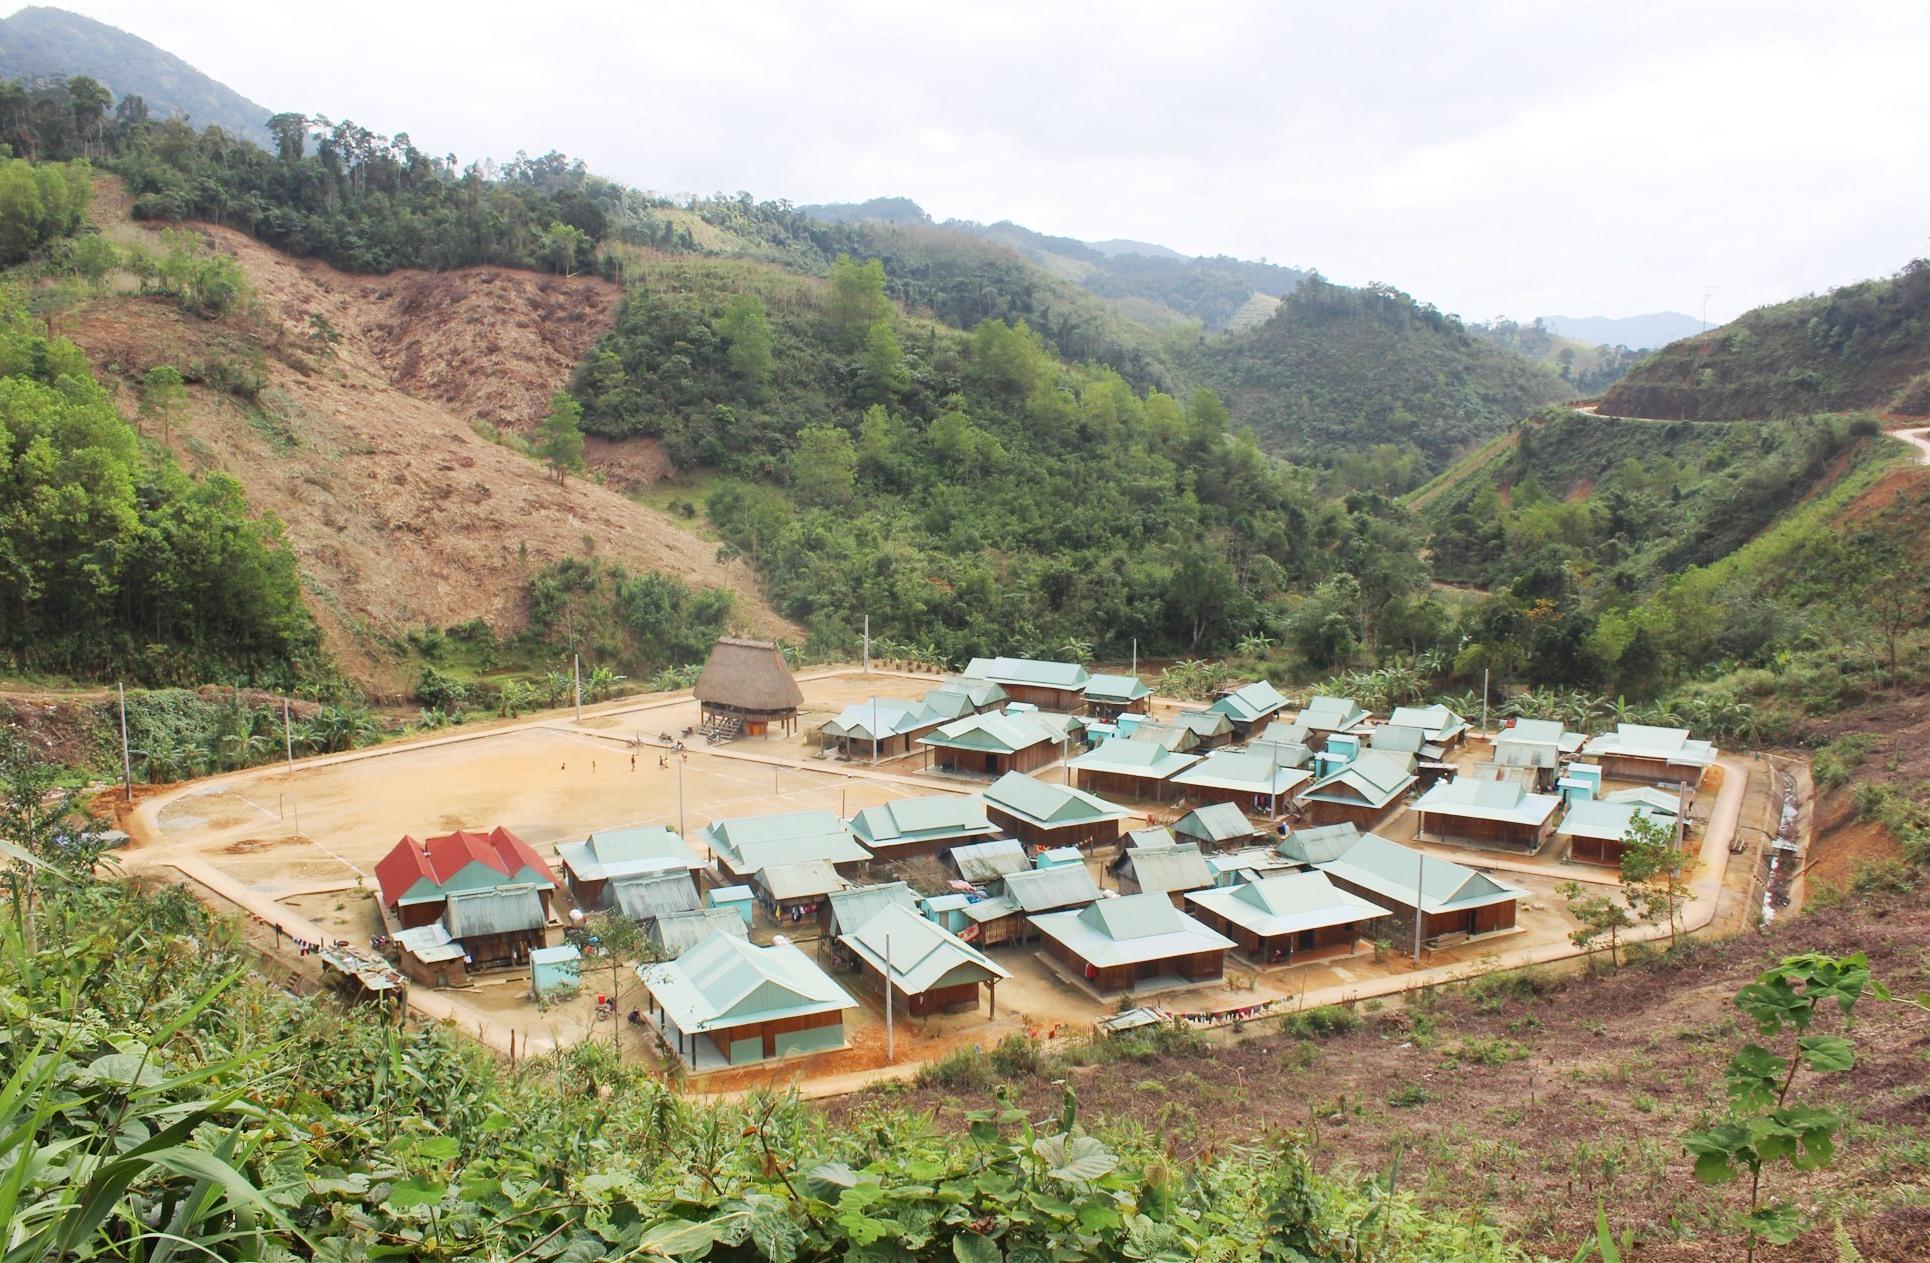 Làng đoàn kết Arui (xã Dang) được quy hoạch sắp xếp theo mô hình làng truyền thống Cơ Tu